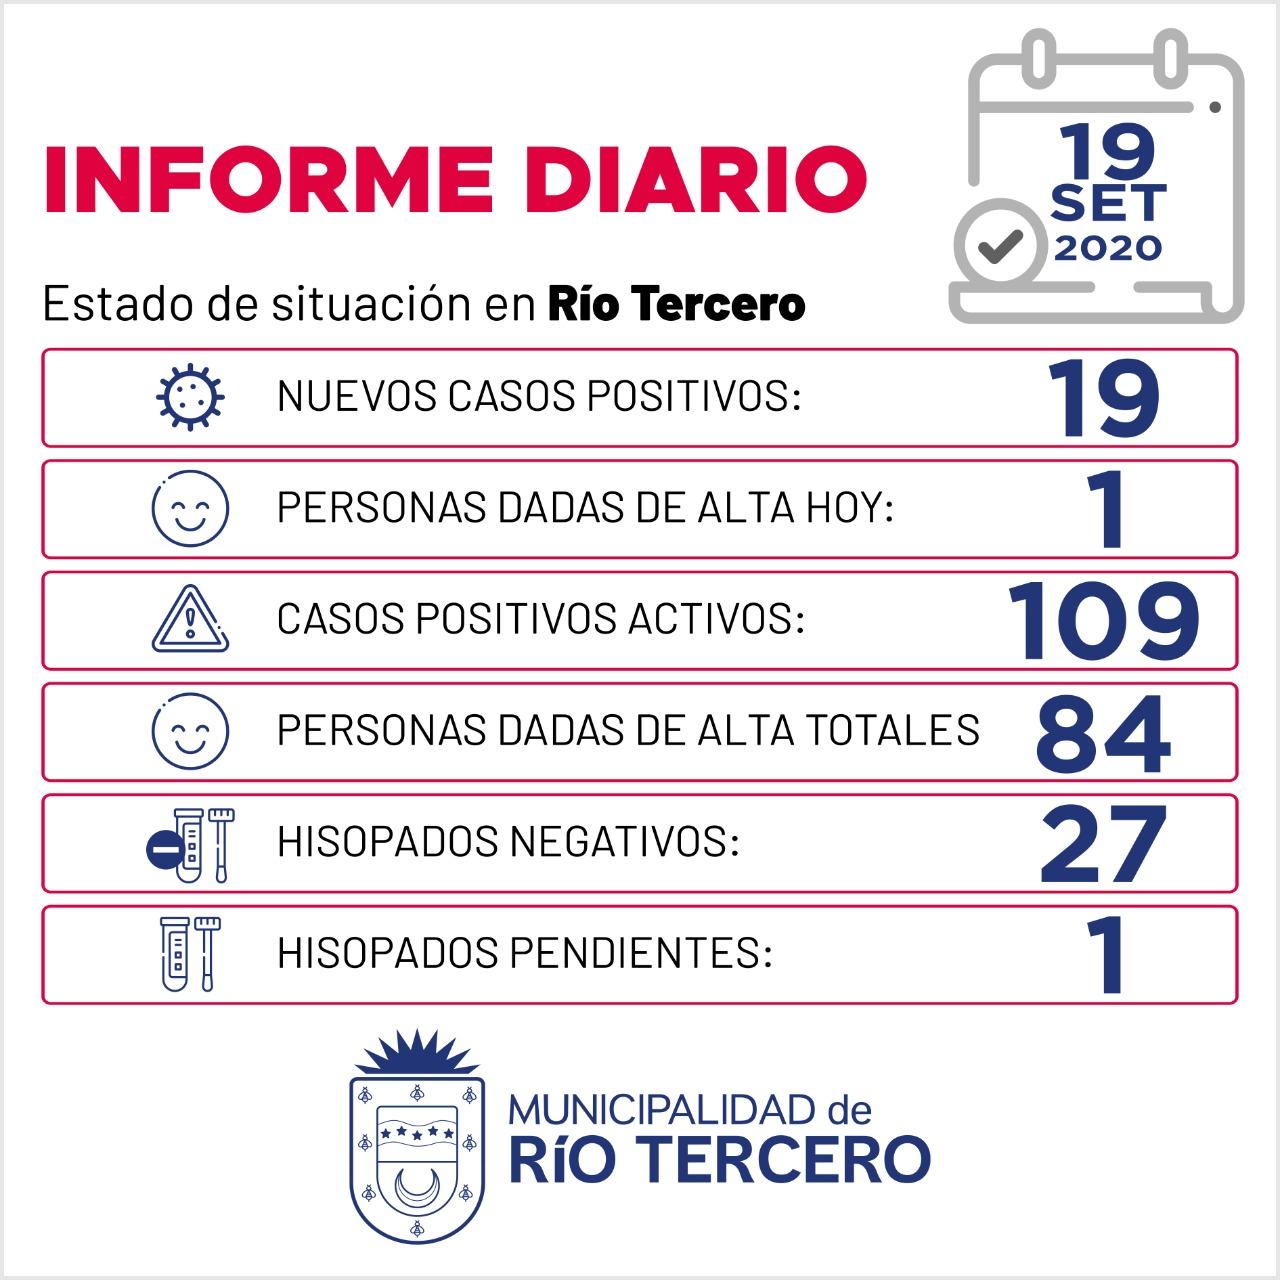 CORONAVIRUS: RÍO TERCERO SE REGISTRARON 19 NUEVOS CASOS, SE ESPERA 1 ANÁLISIS PENDIENTE